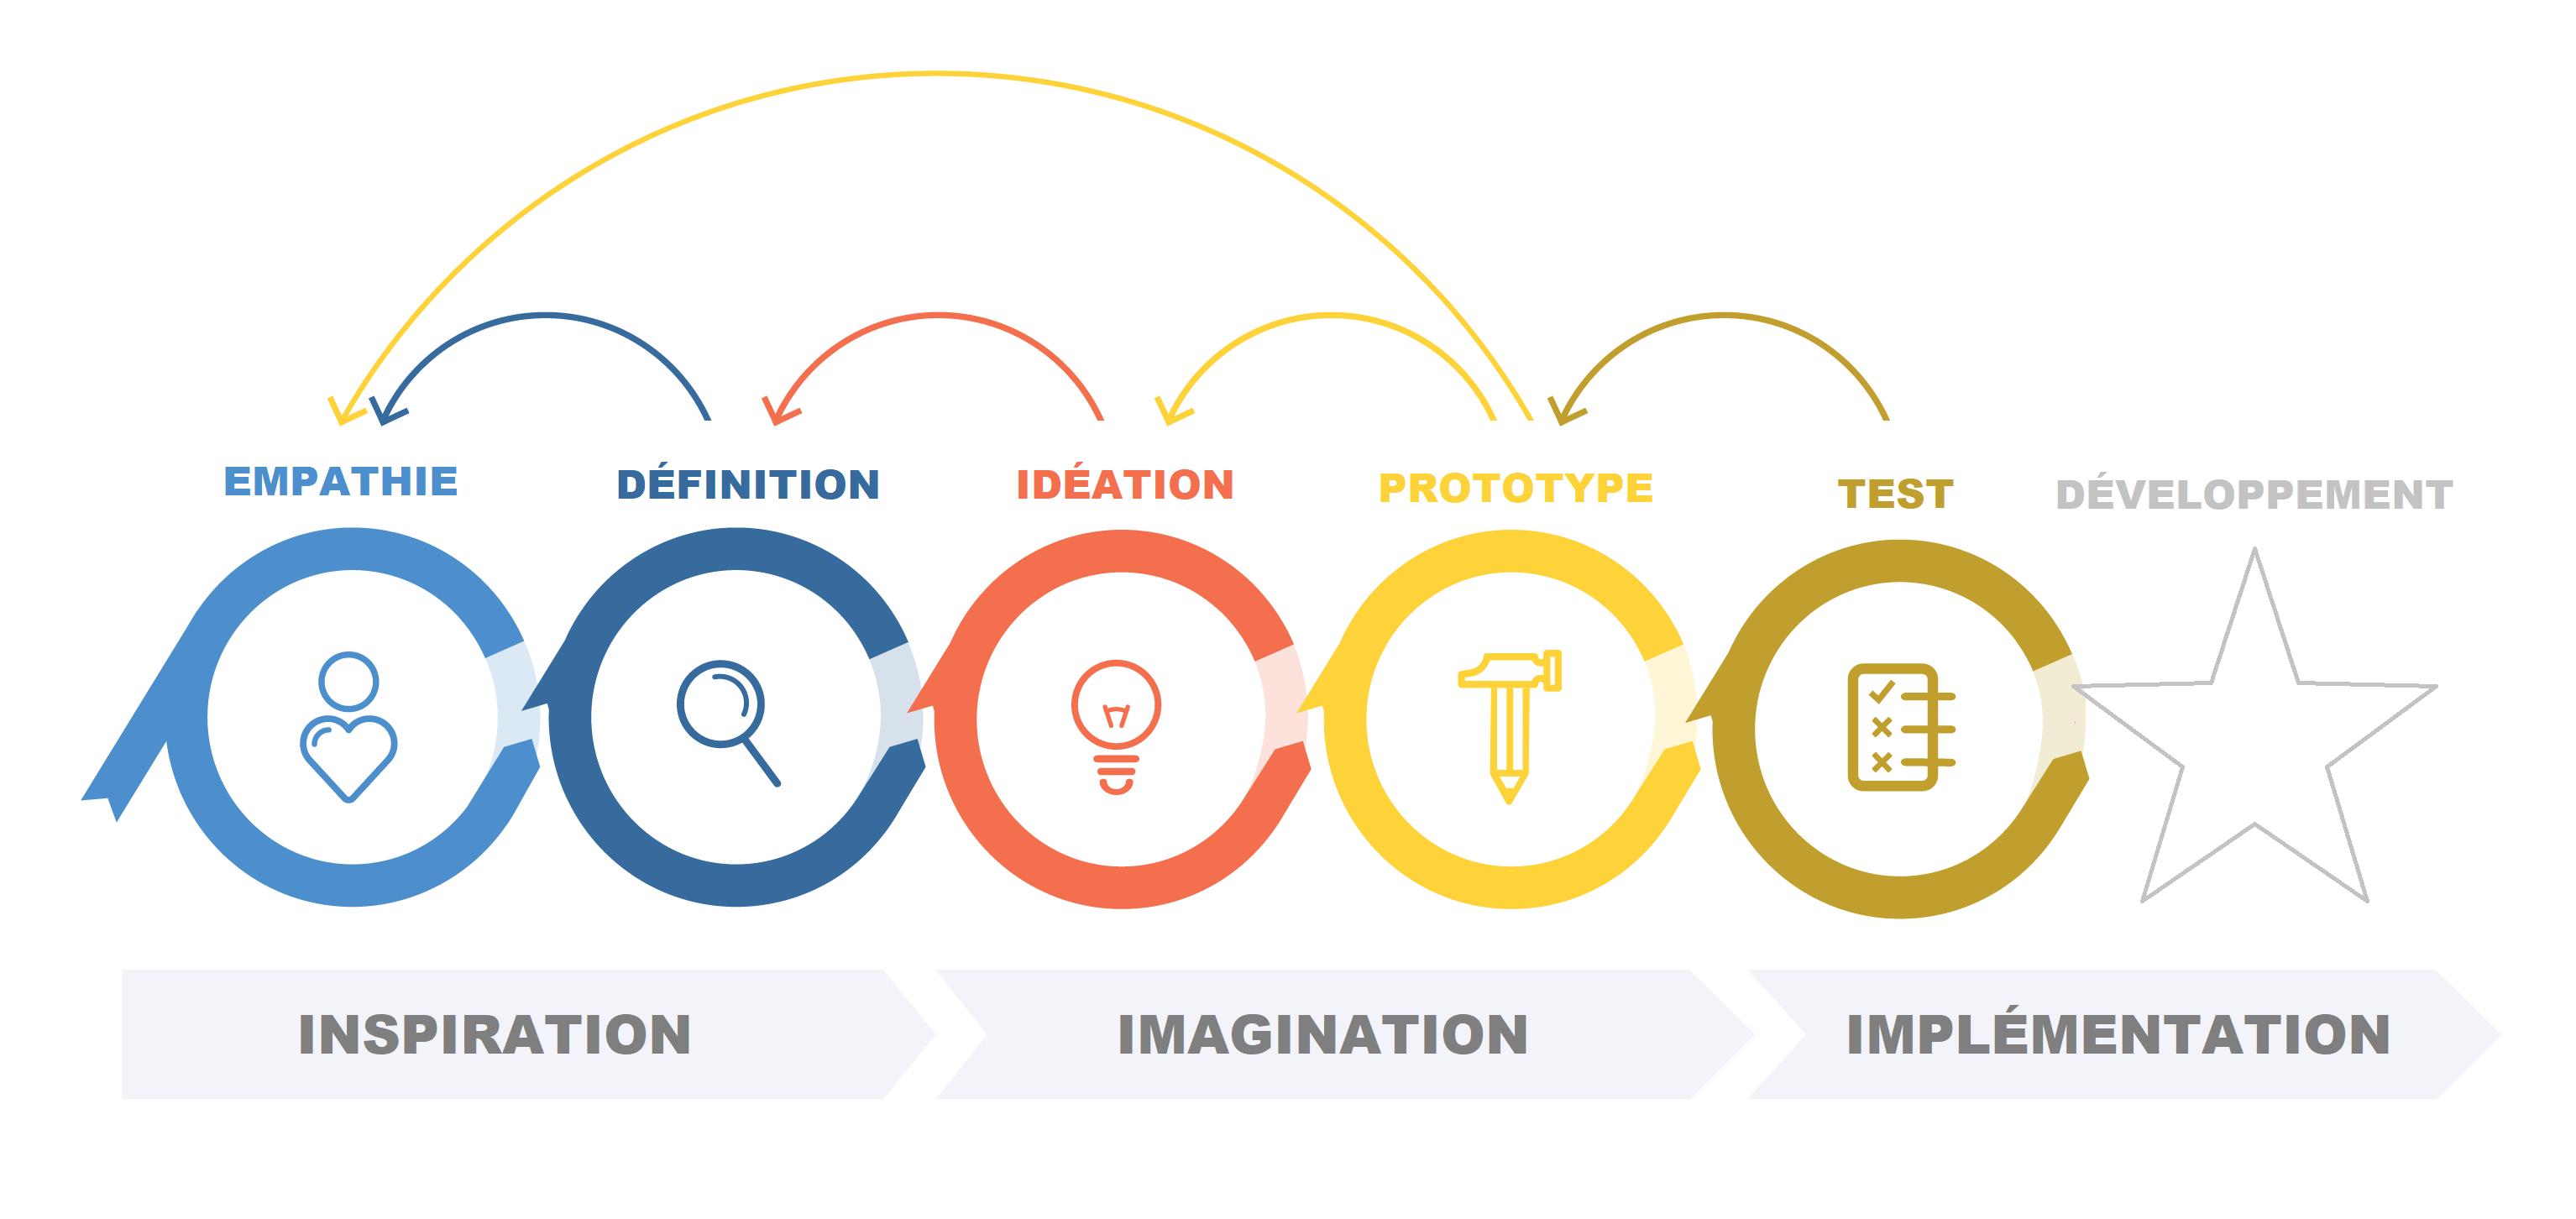 experience_utilisateur_design_thinking_bakeli.tech